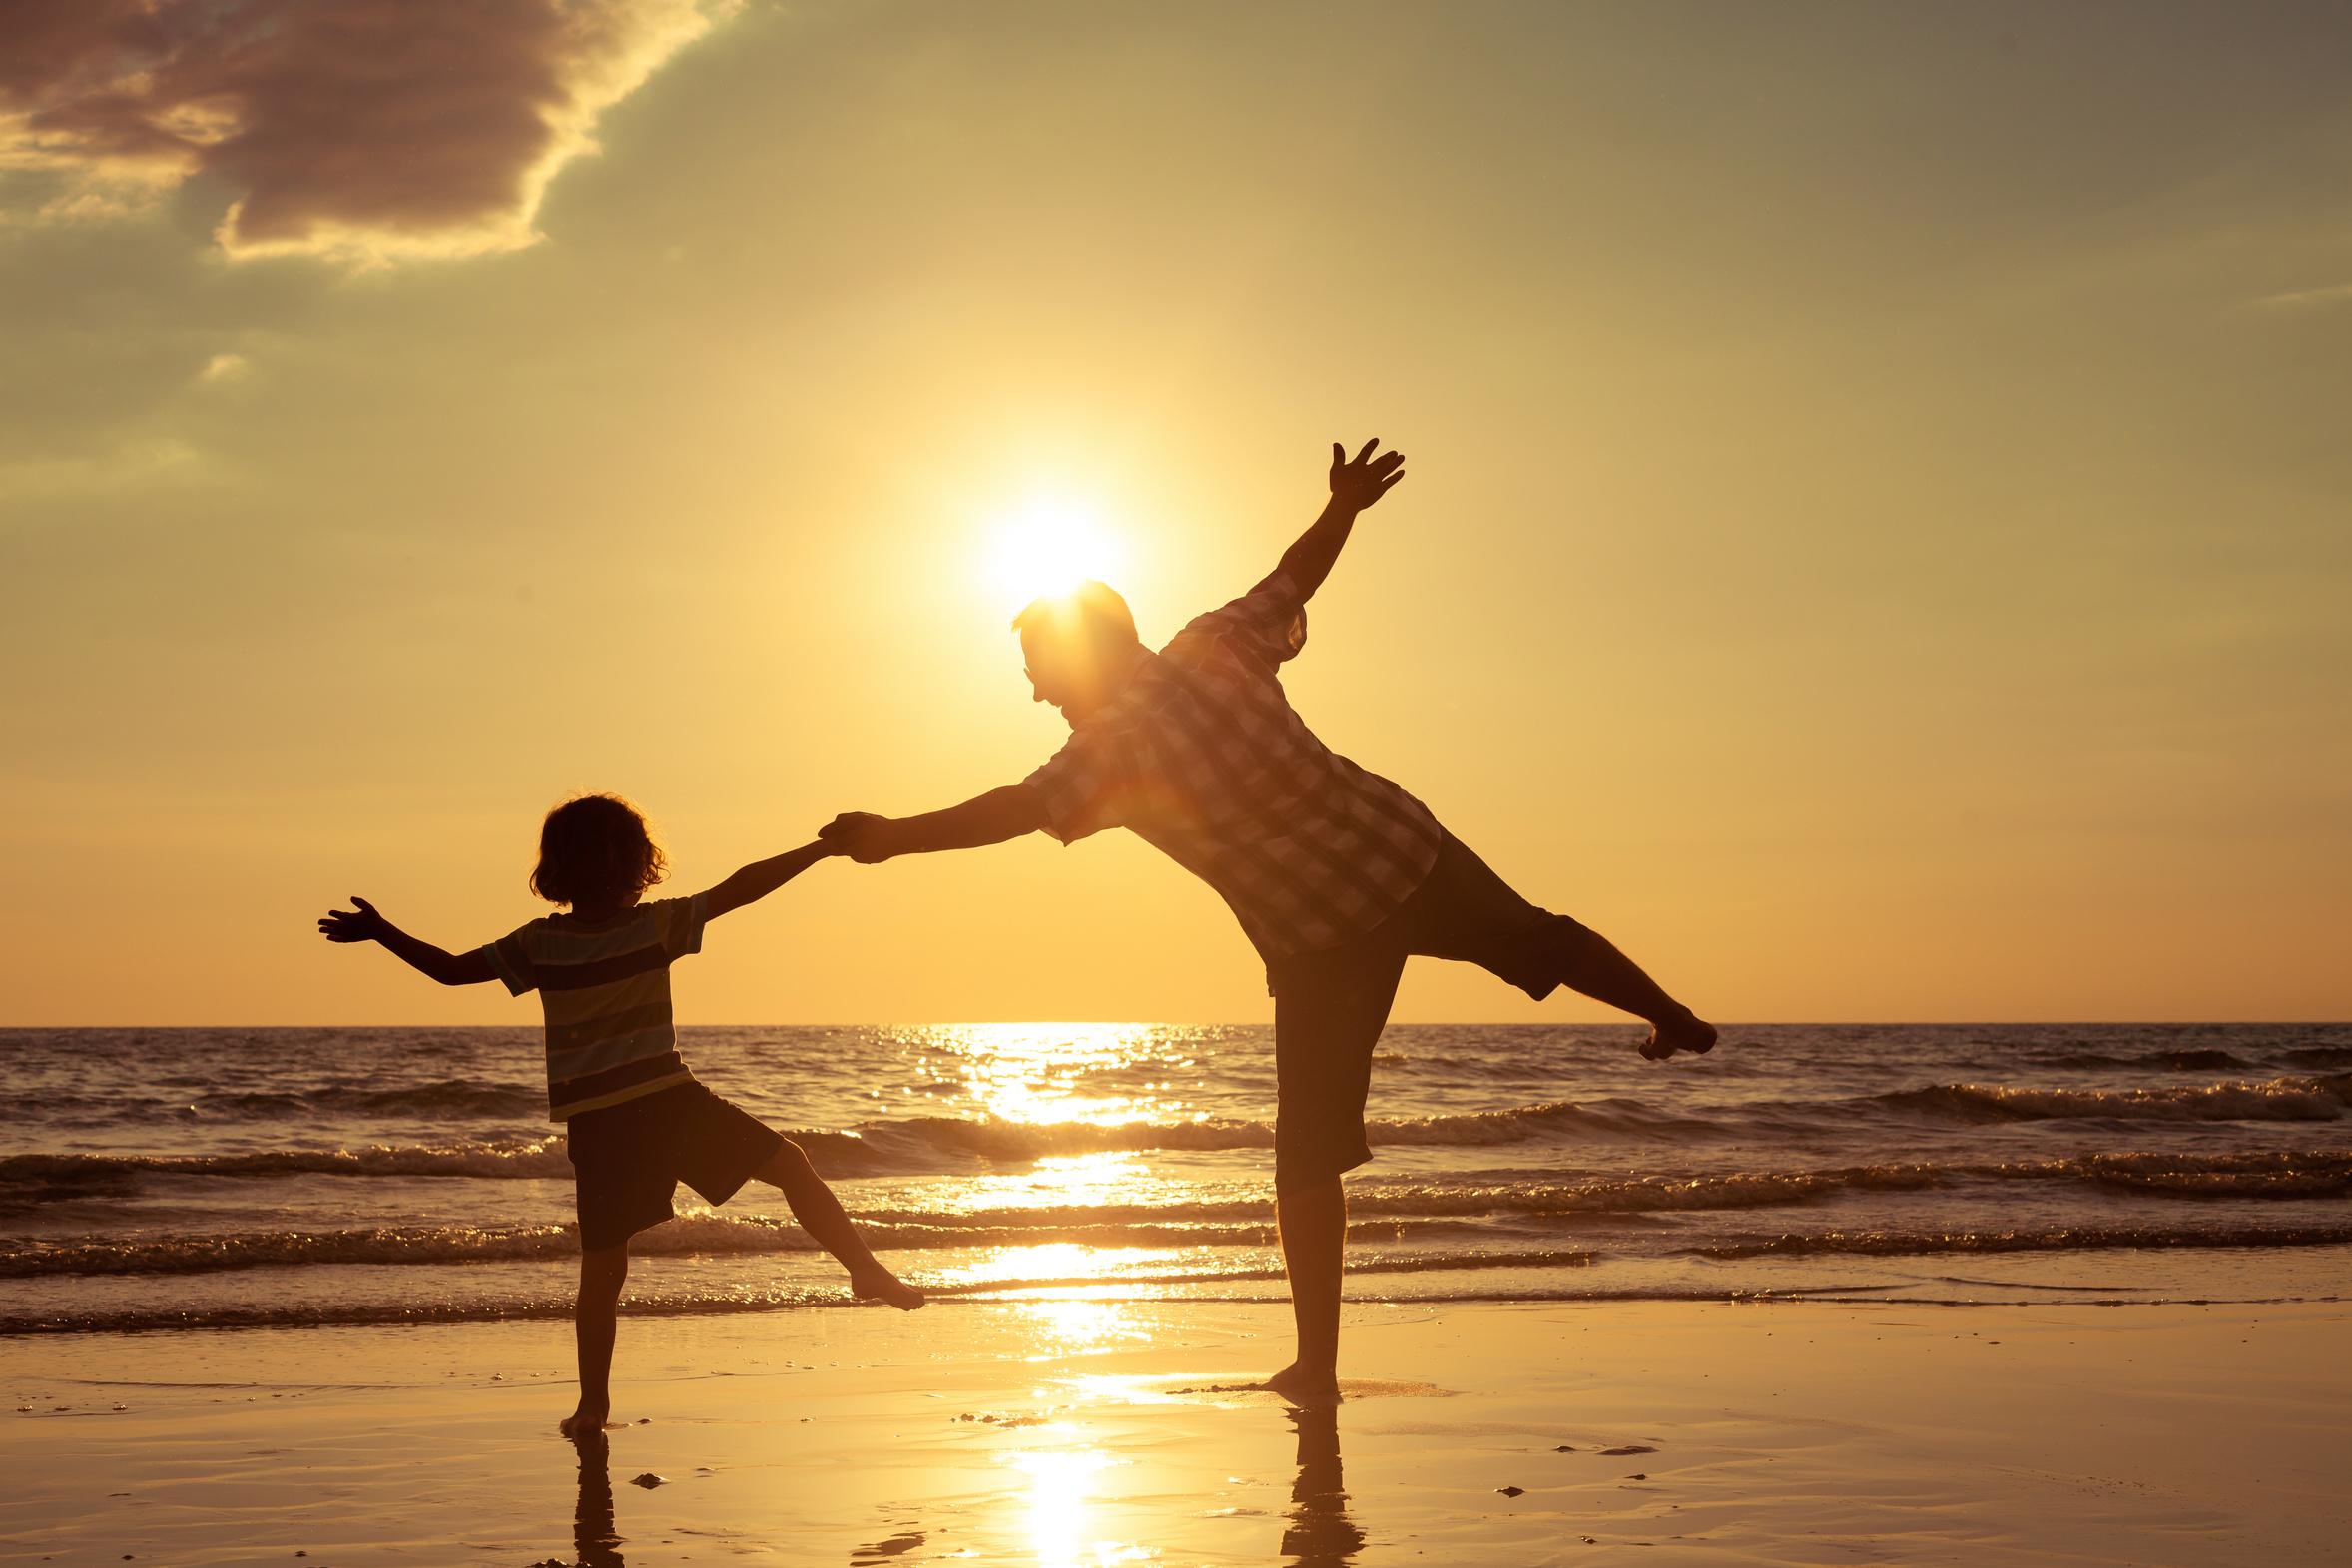 Les sensations de vie et de plaisir naissent d'un corps libre.